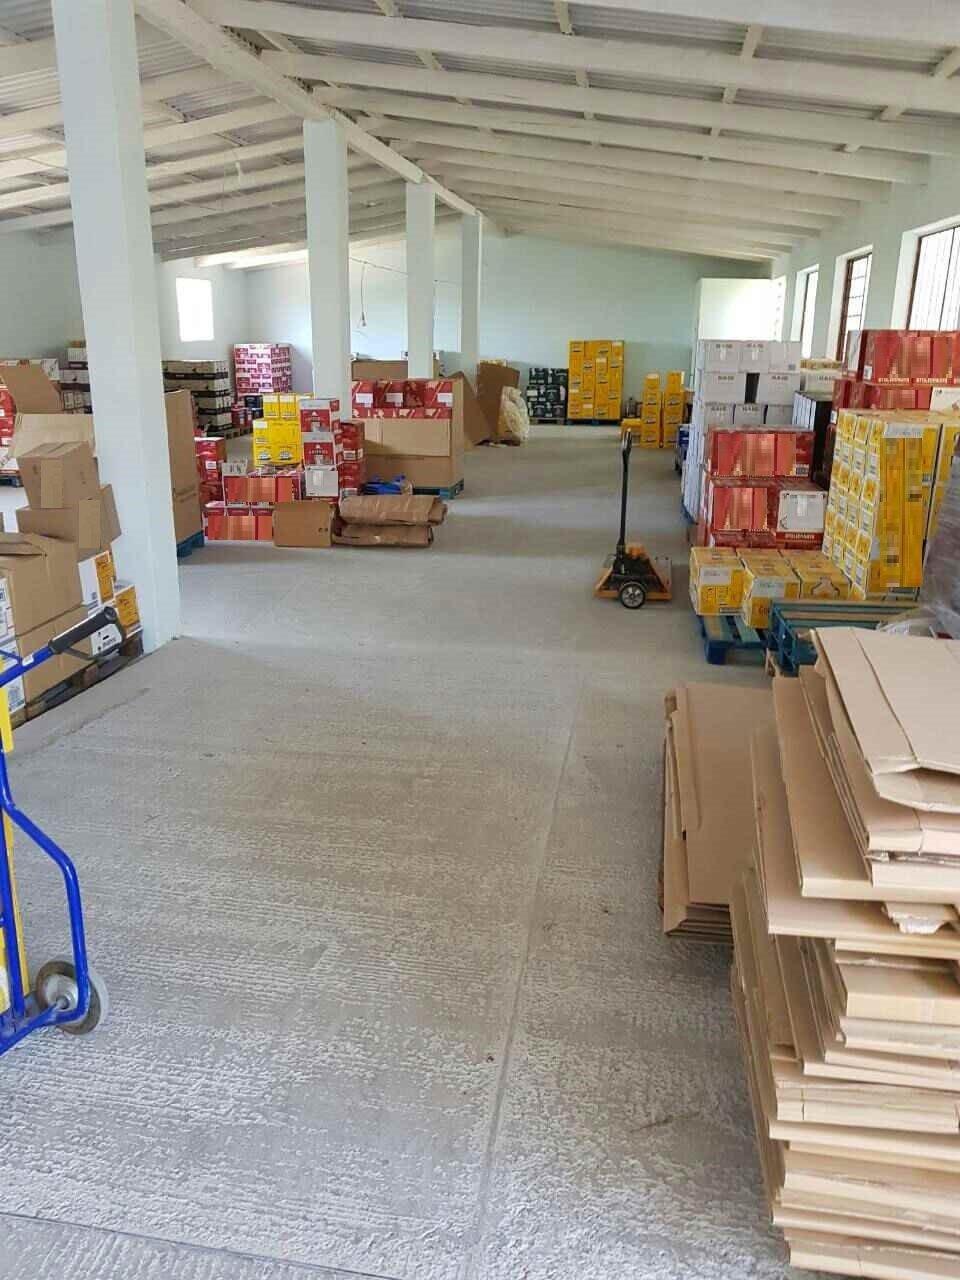 ΣΔΟΕ: Διαφυγόντα έσοδα του Δημοσίου 146 εκατ. ευρώ από 32 υποθέσεις το